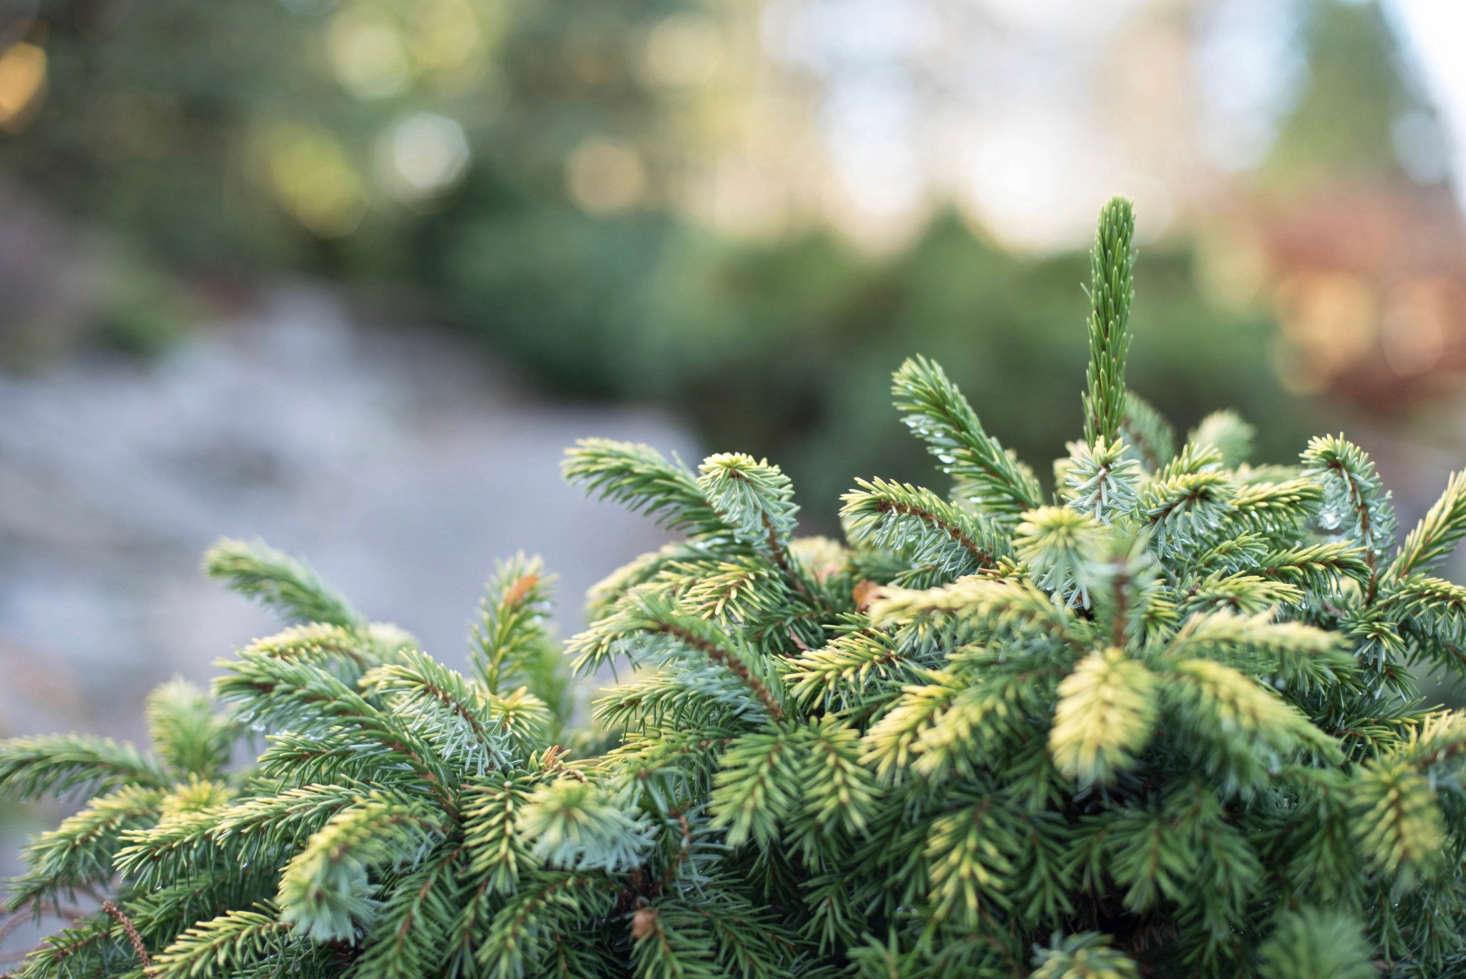 Gardening 101: Fir Tree